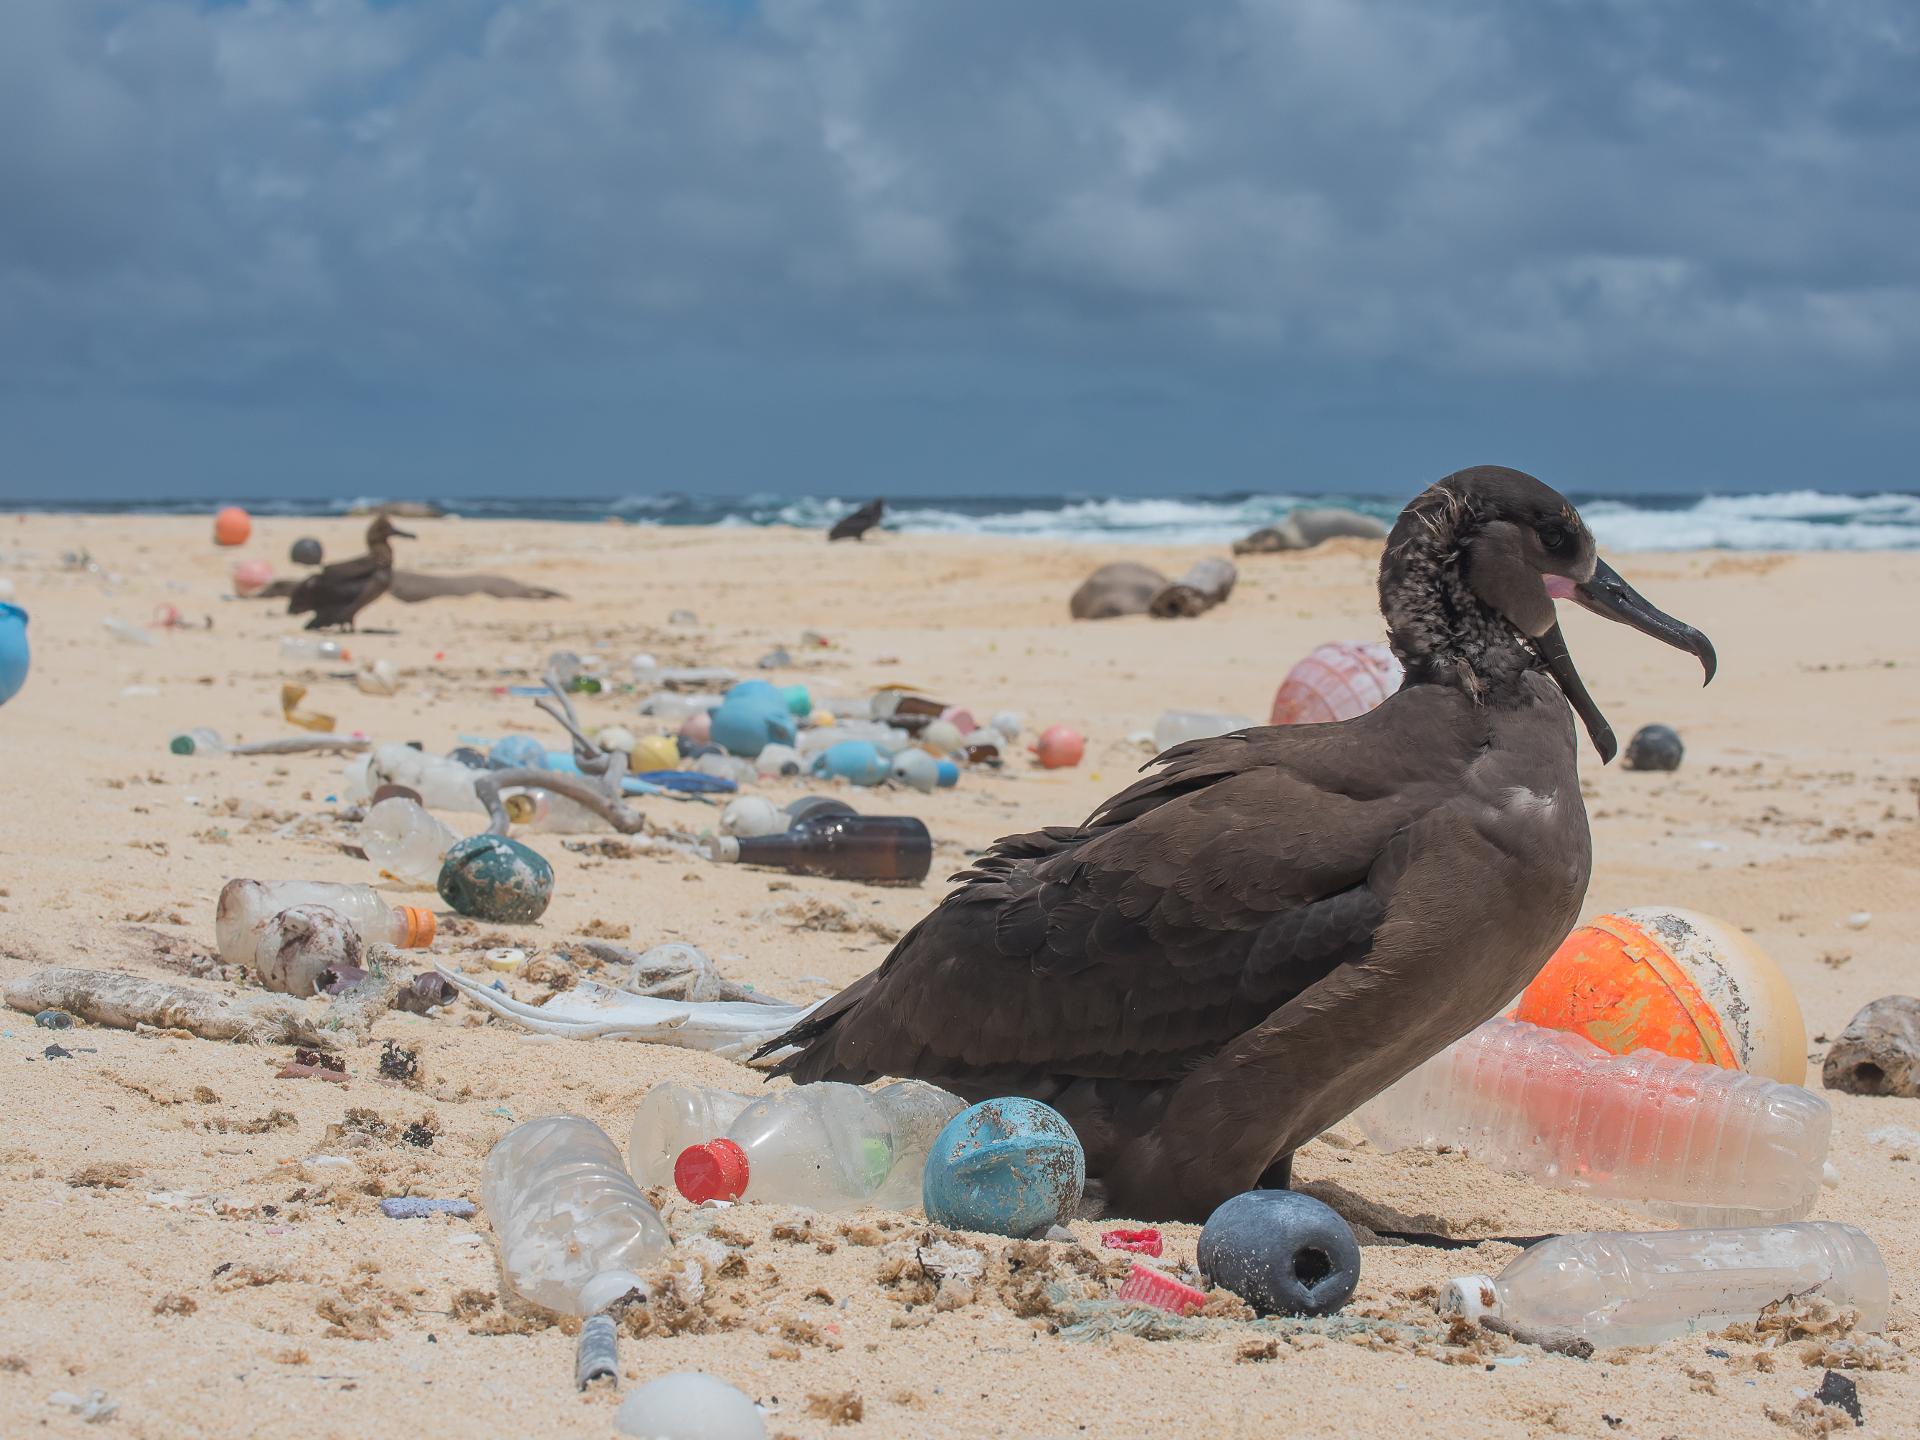 Das Plastik aus dem Meer wird teilweise an den Strand gespühlt. Aber lange nicht alles. - Photocredit: theoceancleanup.com/Matthew Chauvin